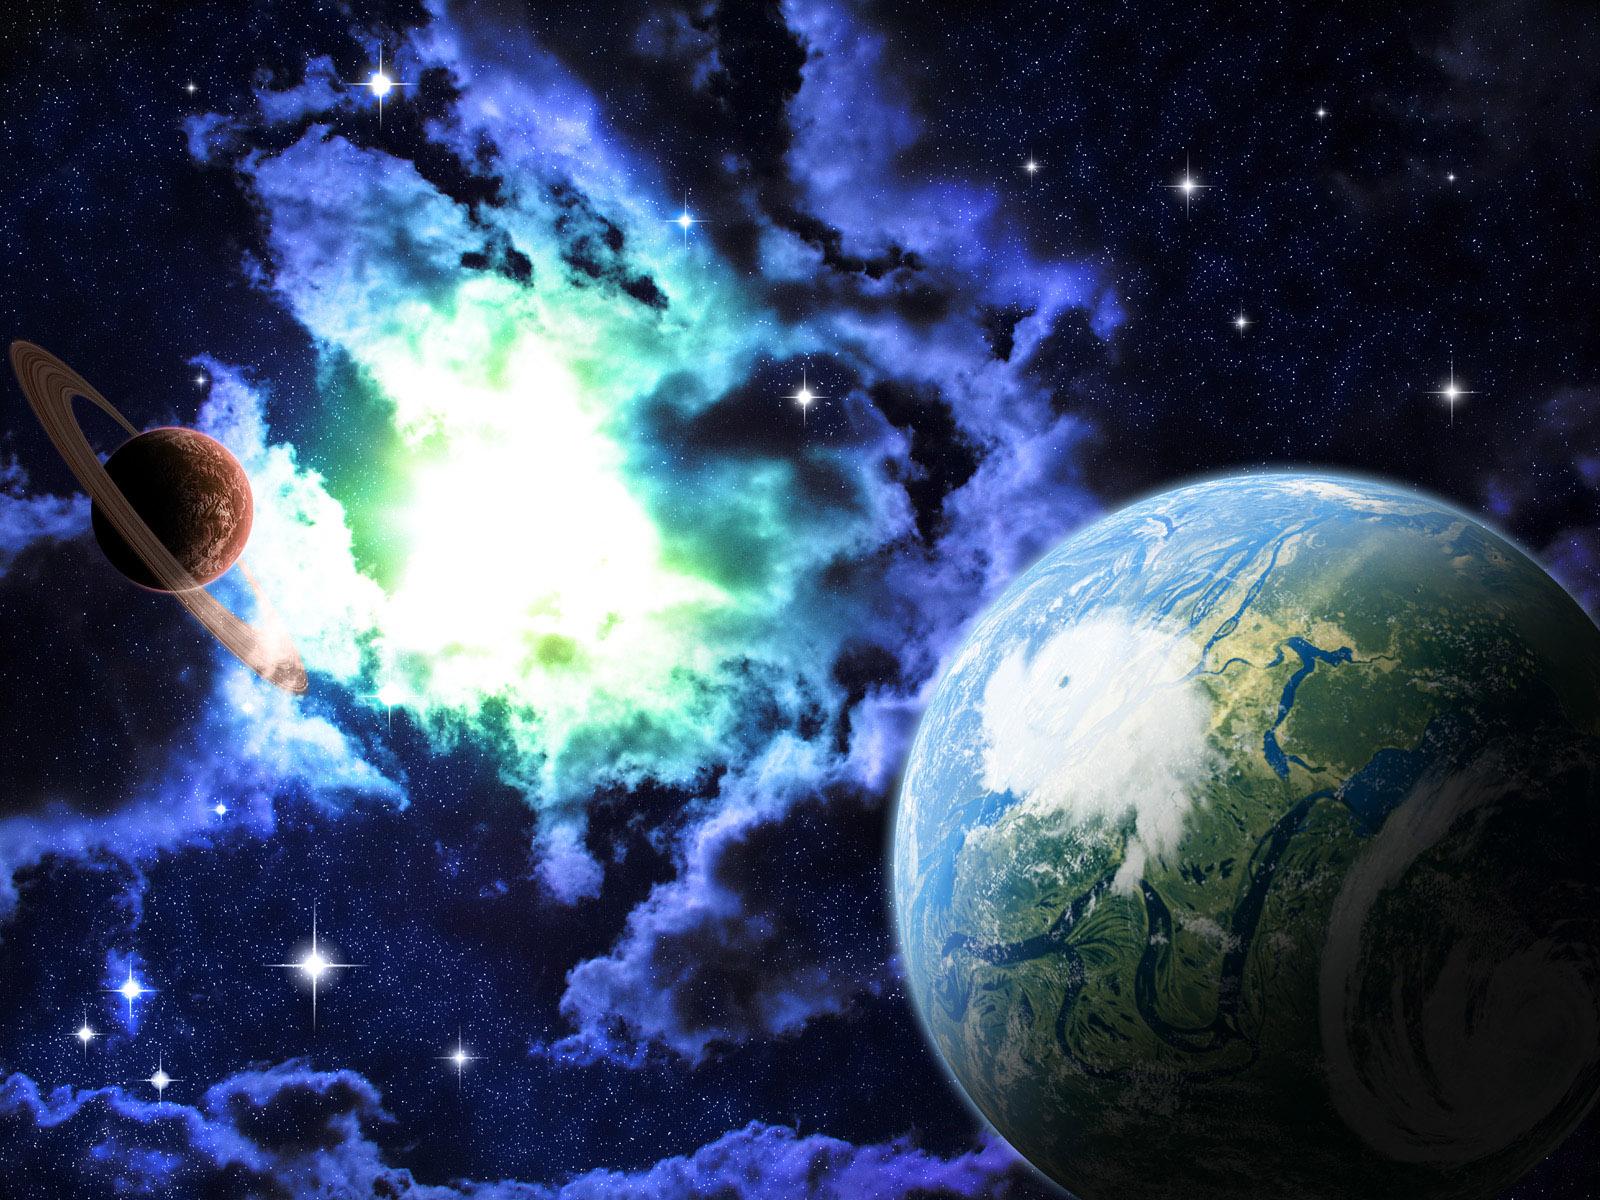 Papeis De Parede Planetas Espa O Baixar Imagens -> Imagens Do Universo Para Papel De Parede